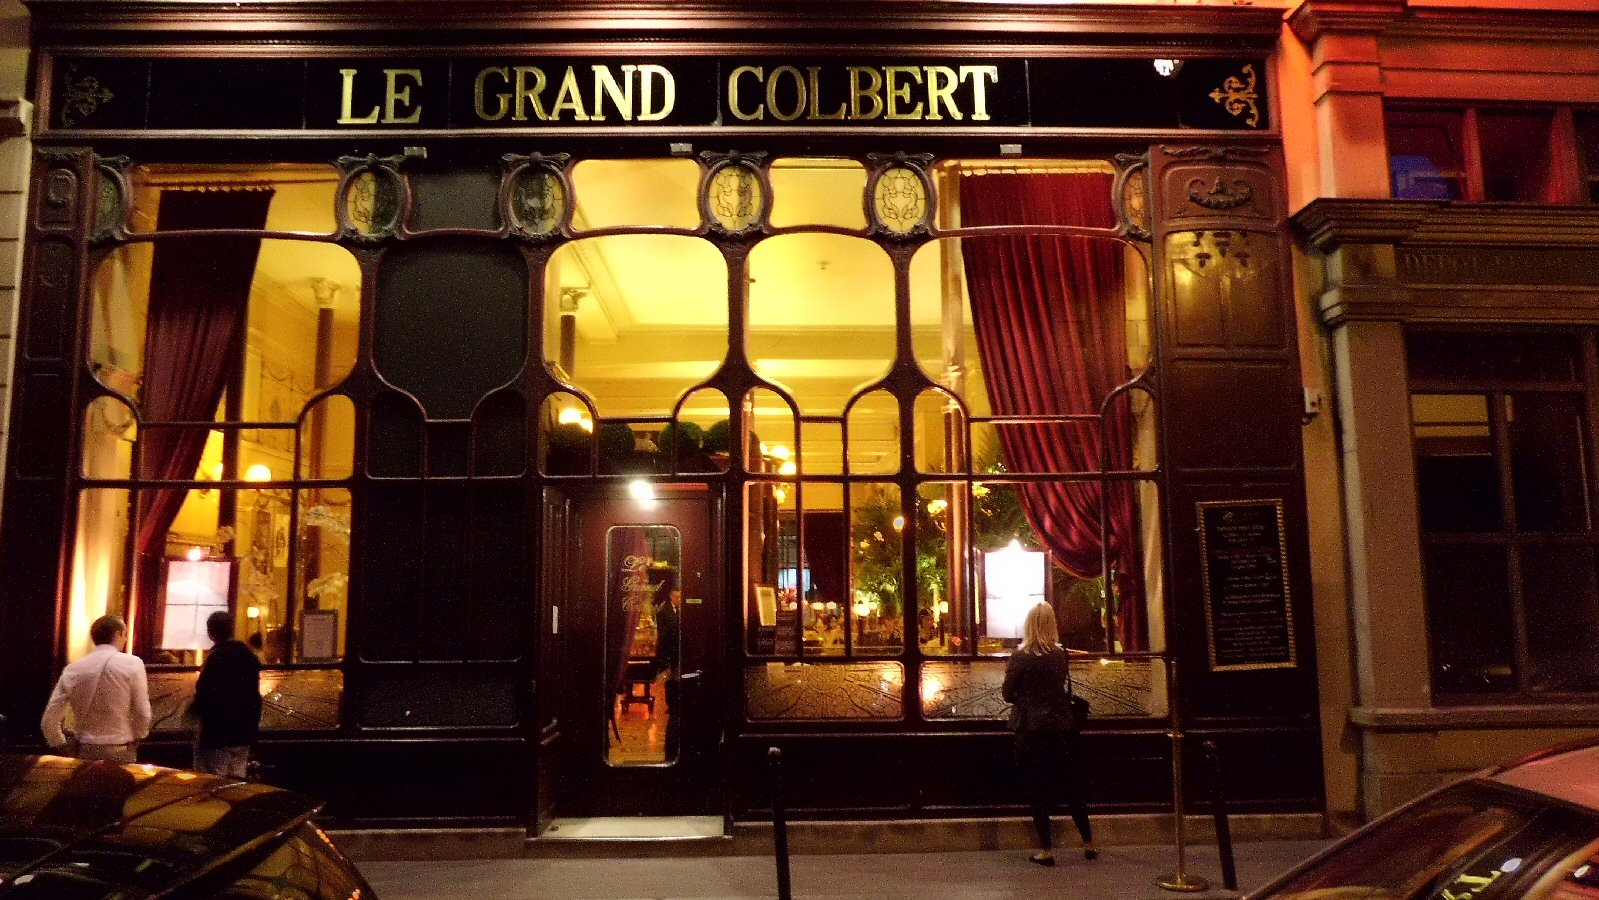 A szerző által készített fénykép: La Grand Colbert